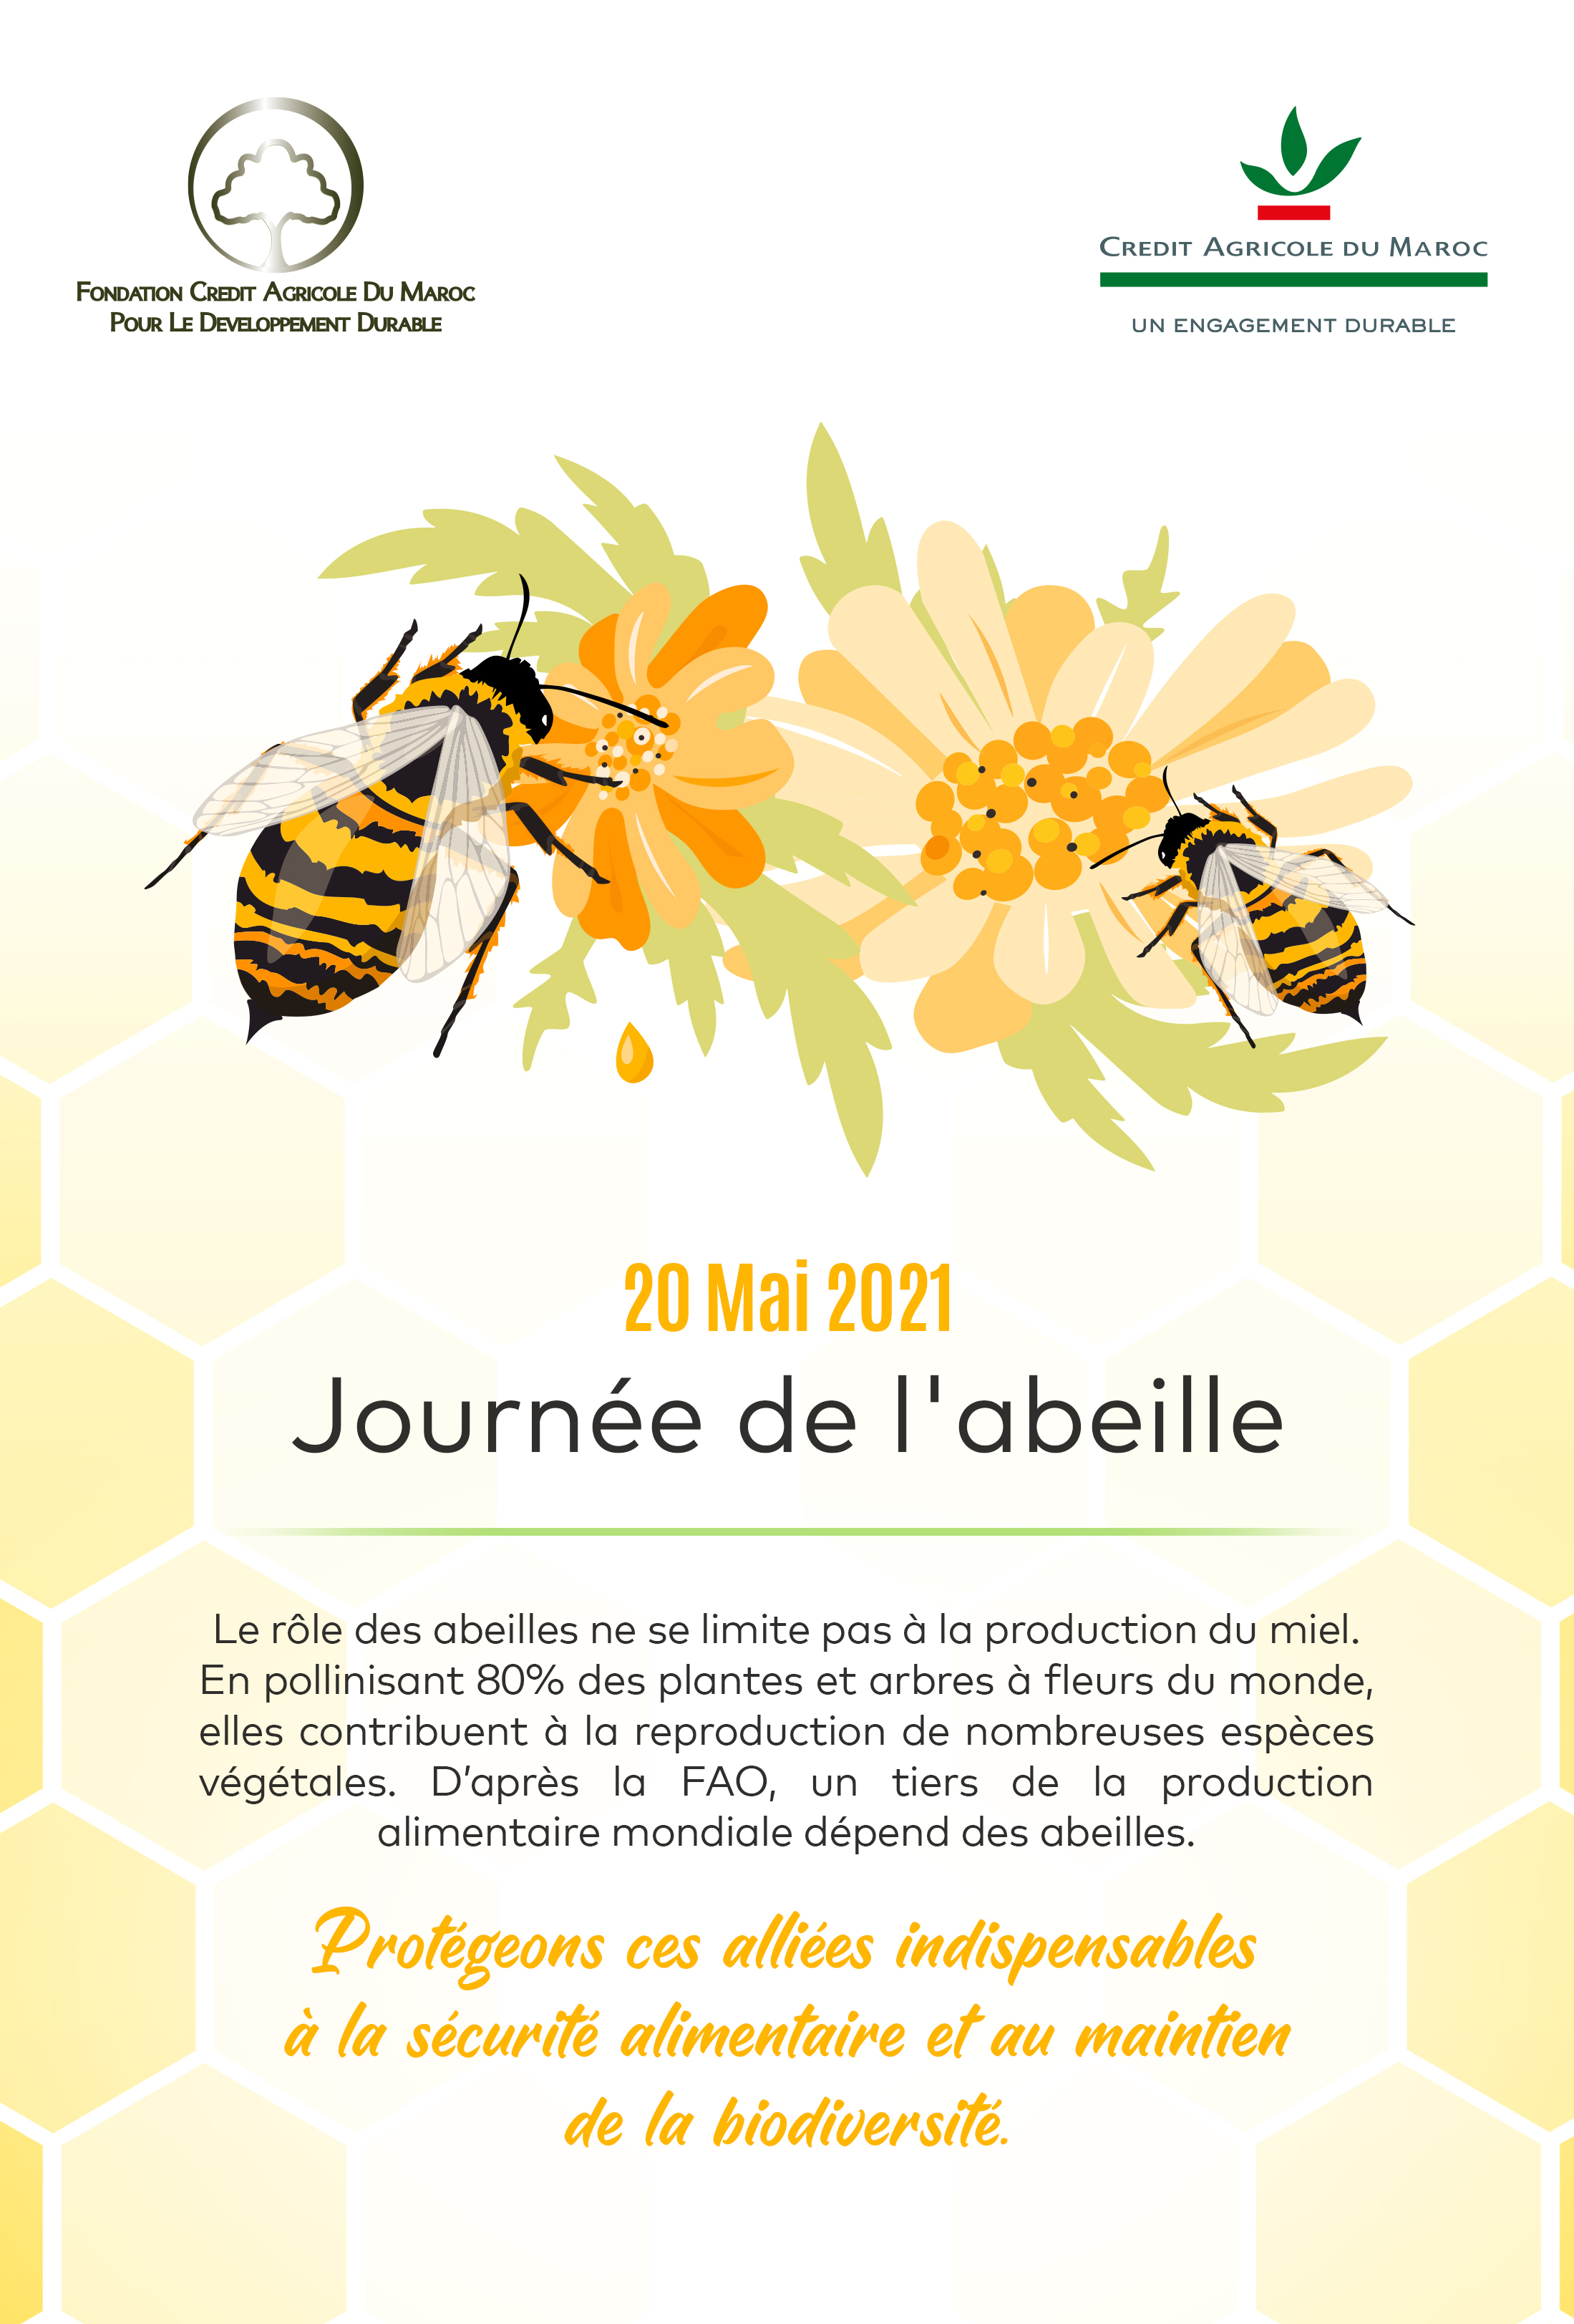 Journée de l'abeille